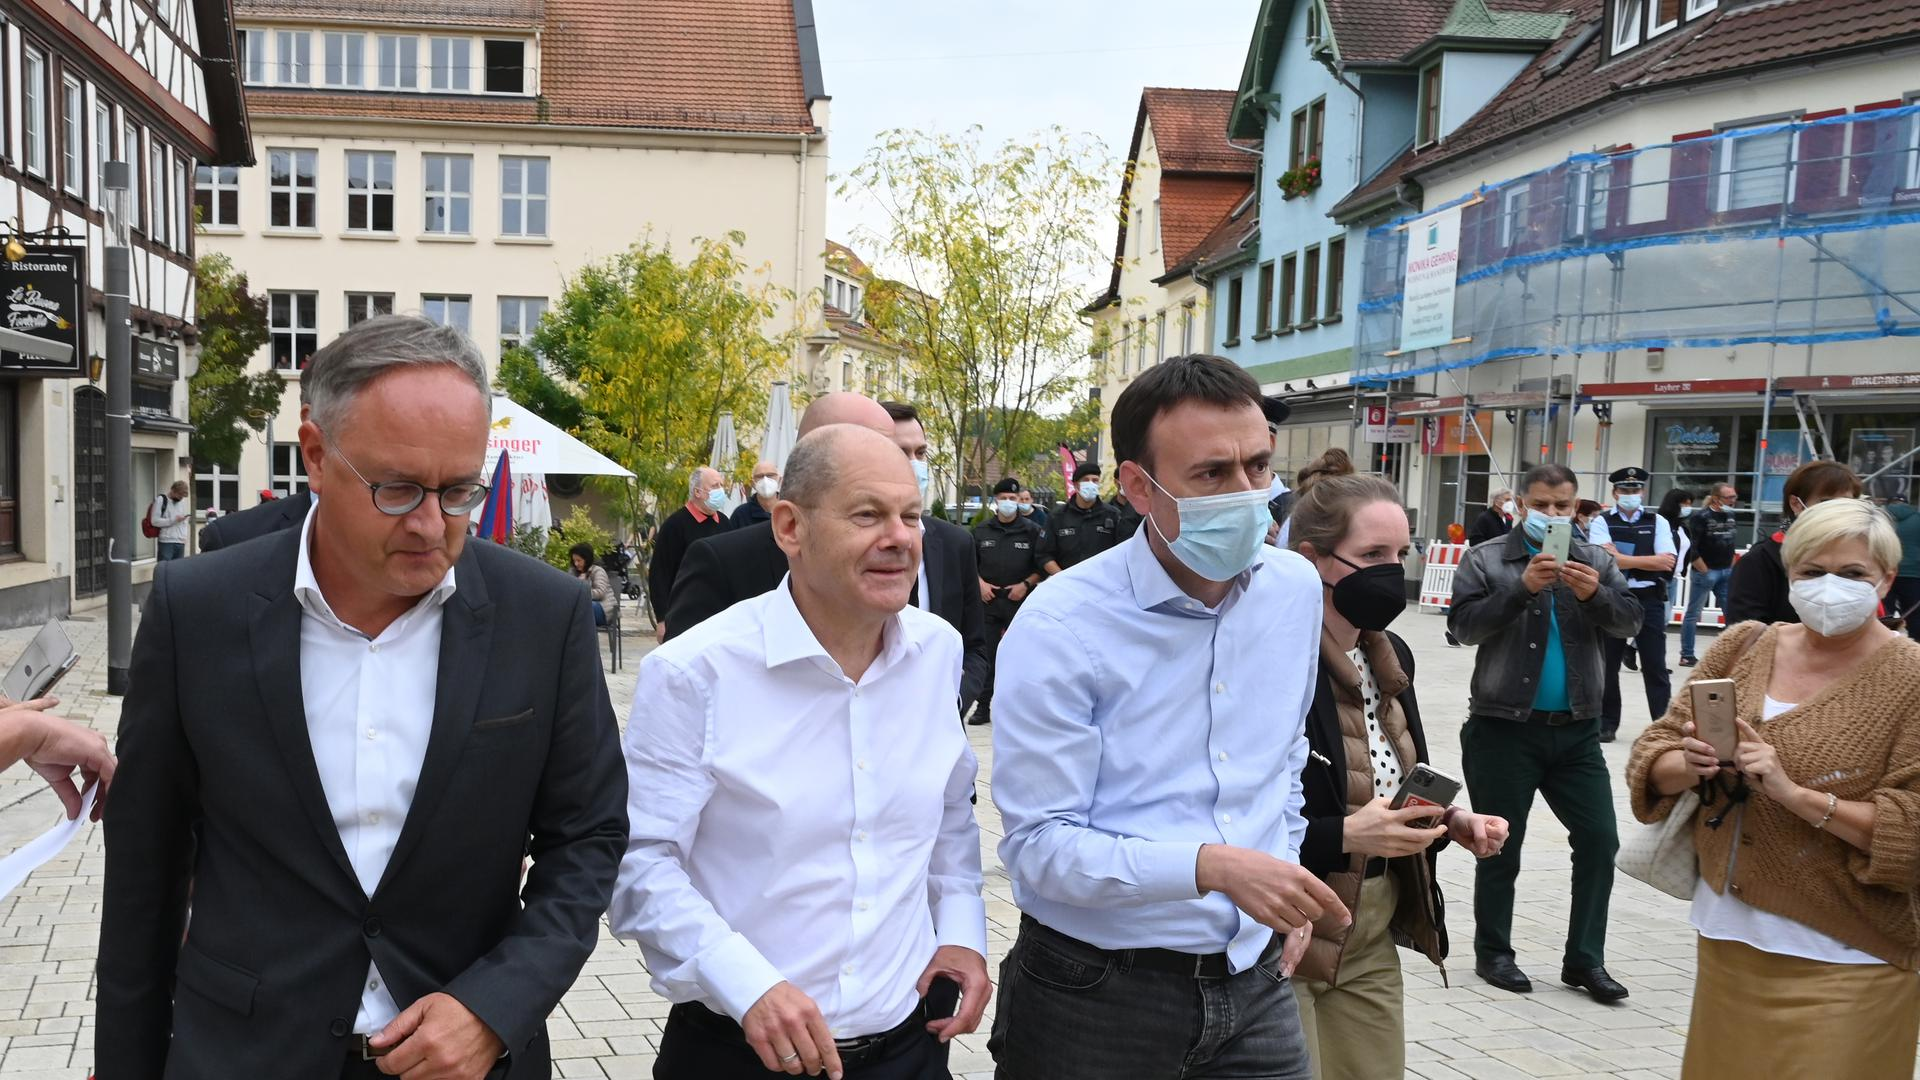 Endspurt: SPD-Kanzlerkandidat Olaf Scholz (Mitte) macht zusammen mit dem Landesvorsitzenden Andreas Stoch (links) und dessen Vorgänger im Land, Nils Schmid, Wahlkampf in Nürtingen.